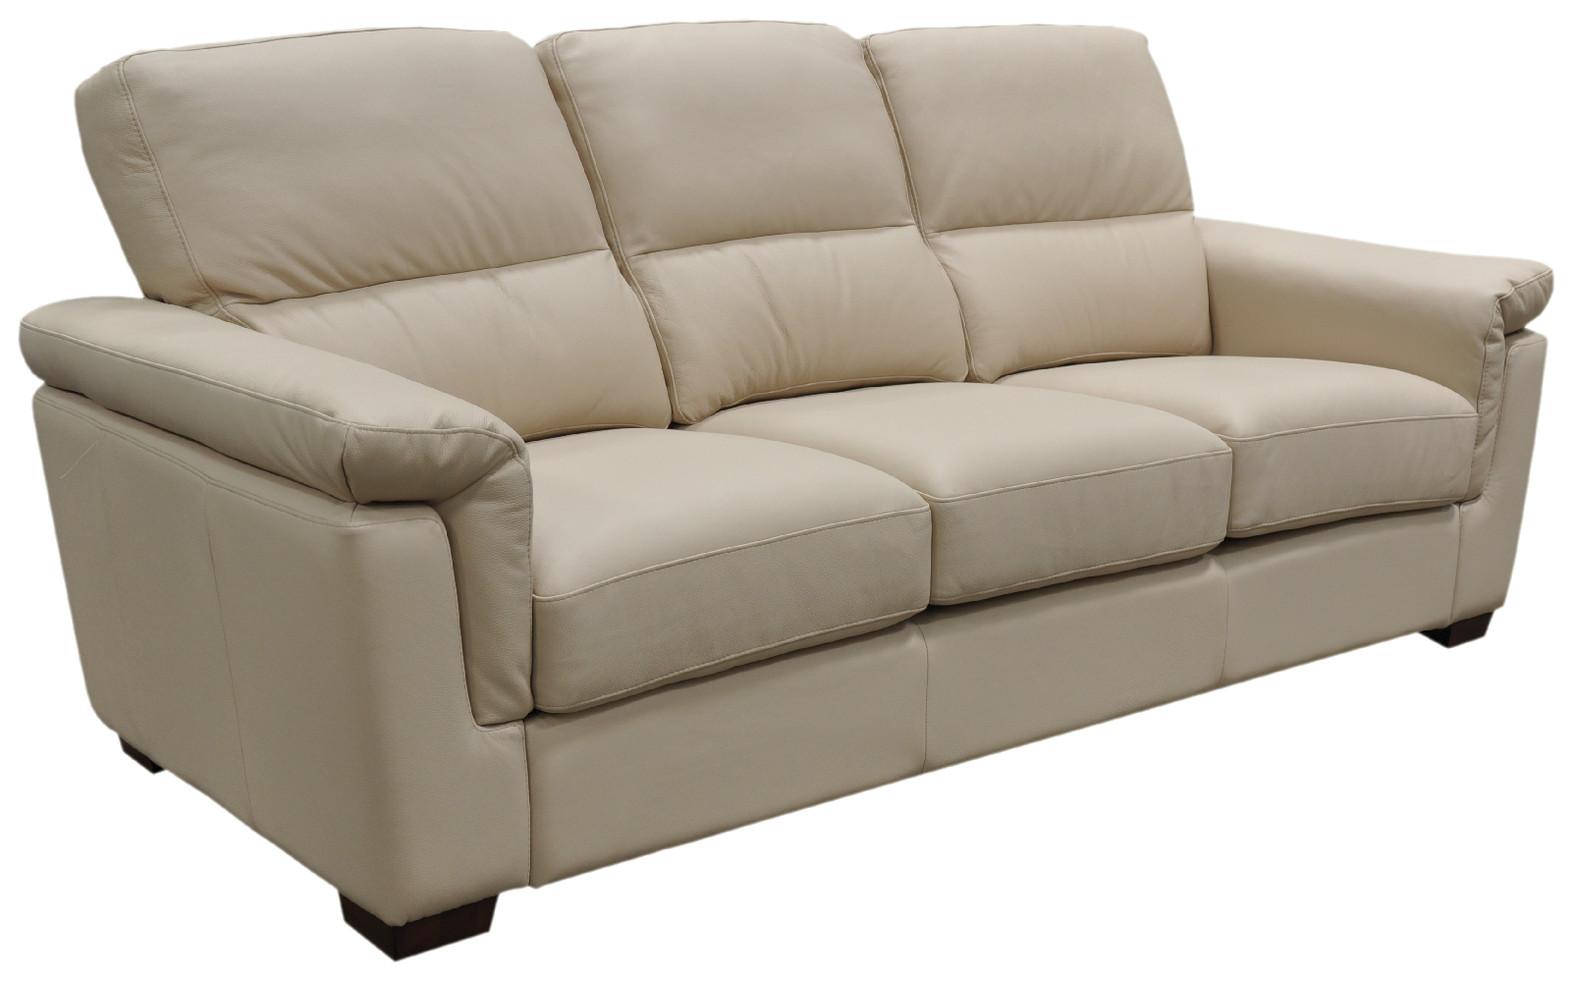 Capriana Leather Sofa